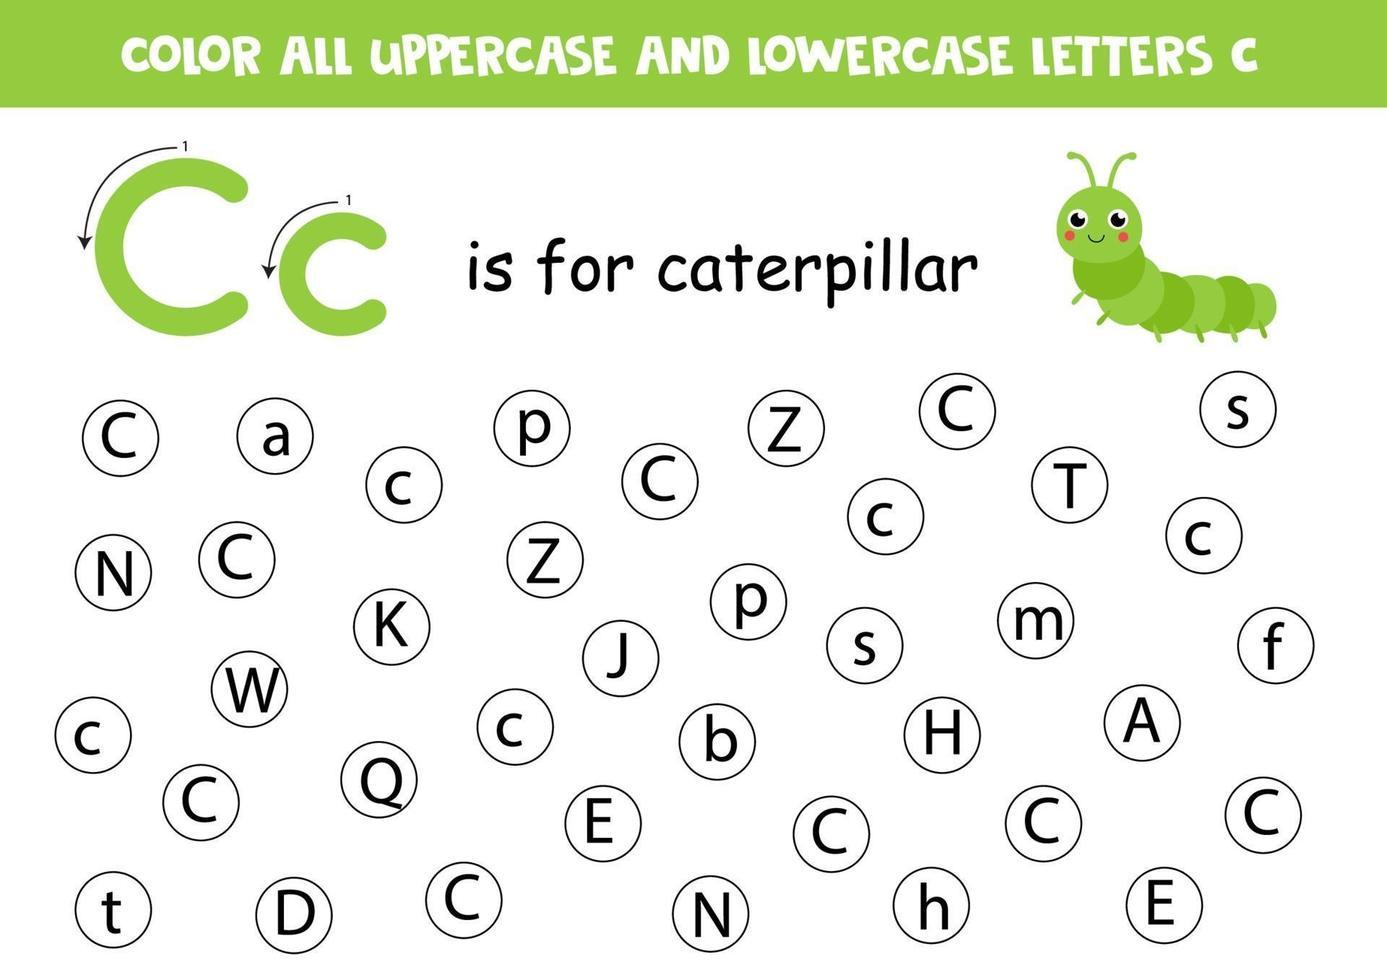 hitta och färga alla bokstäver c. alfabetiska spel för barn. vektor